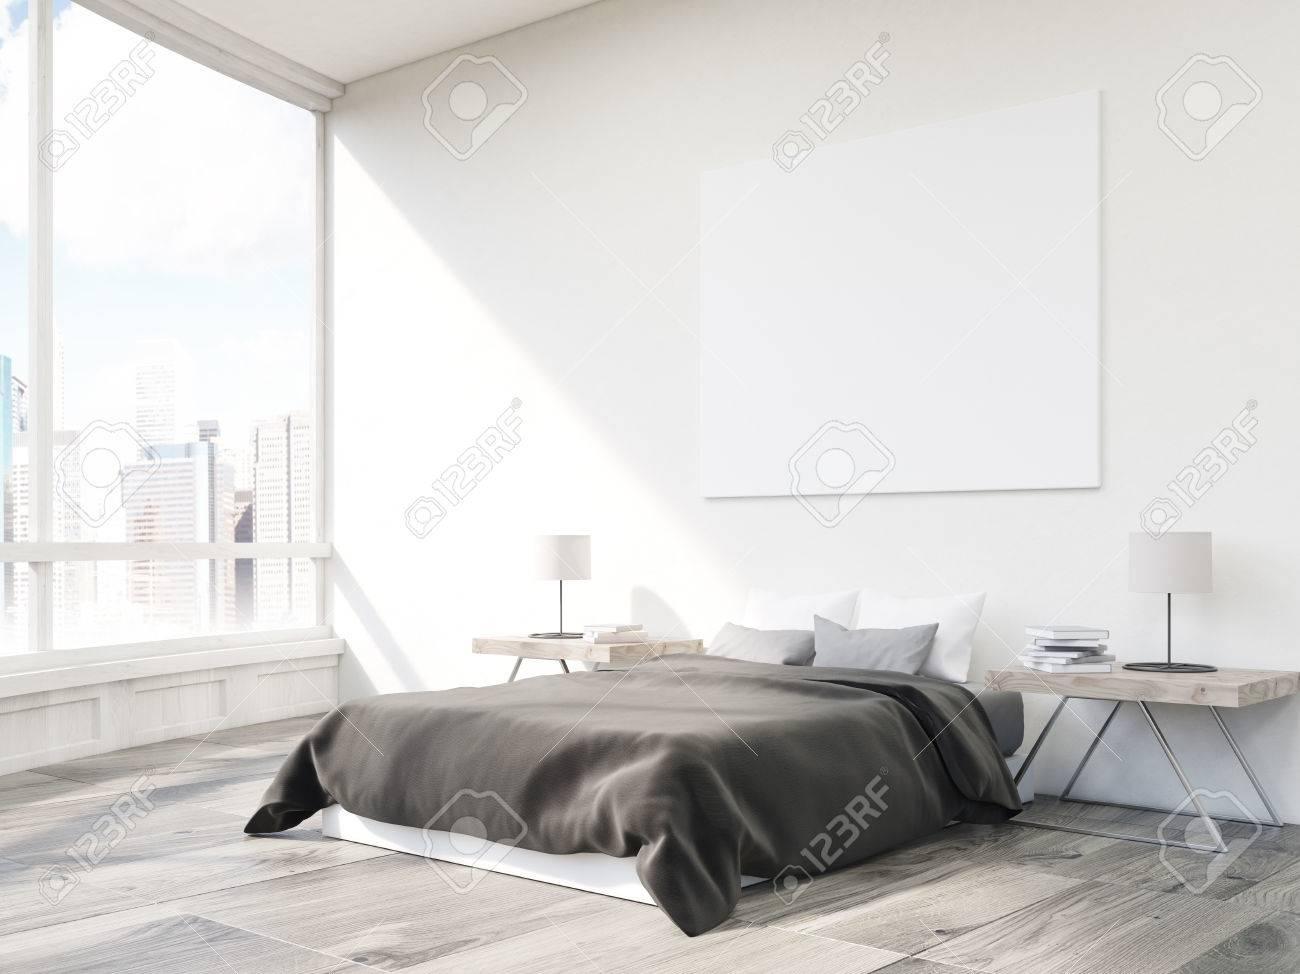 Schon Close Up Von Bett Im Schlafzimmer Mit Zwei Kleinen Tischen Und Horizontale  Poster Auf Weiße Wand